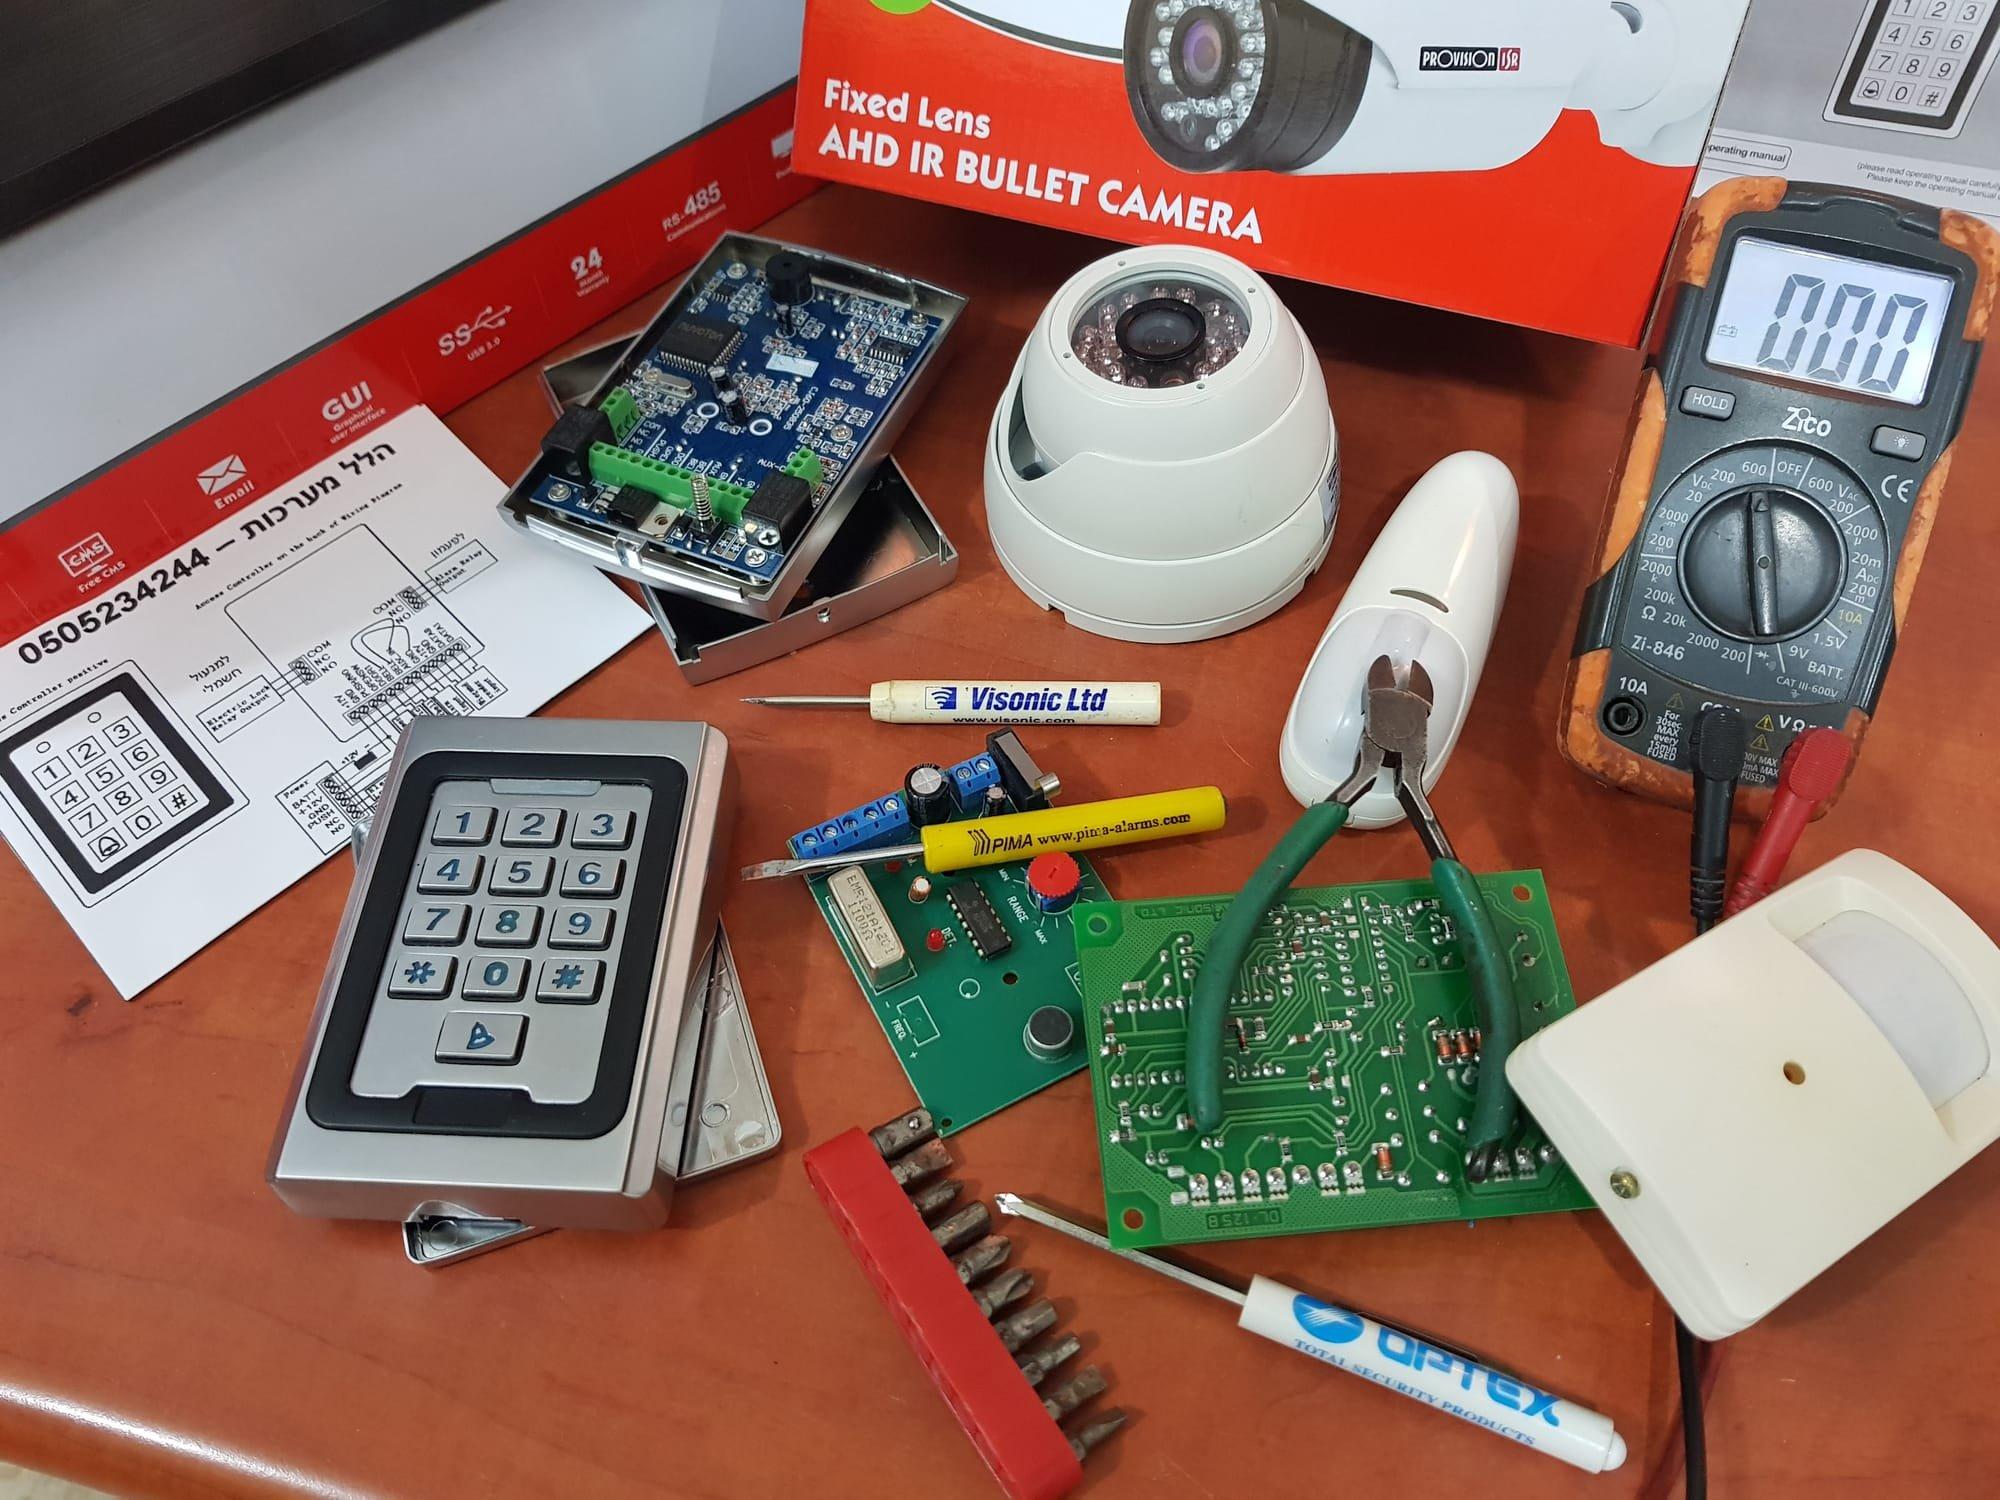 שונות תיקון אזעקה לבית ולעסק - הלל מערכות אזעקה ותקשורת - 0505234244 FL-53